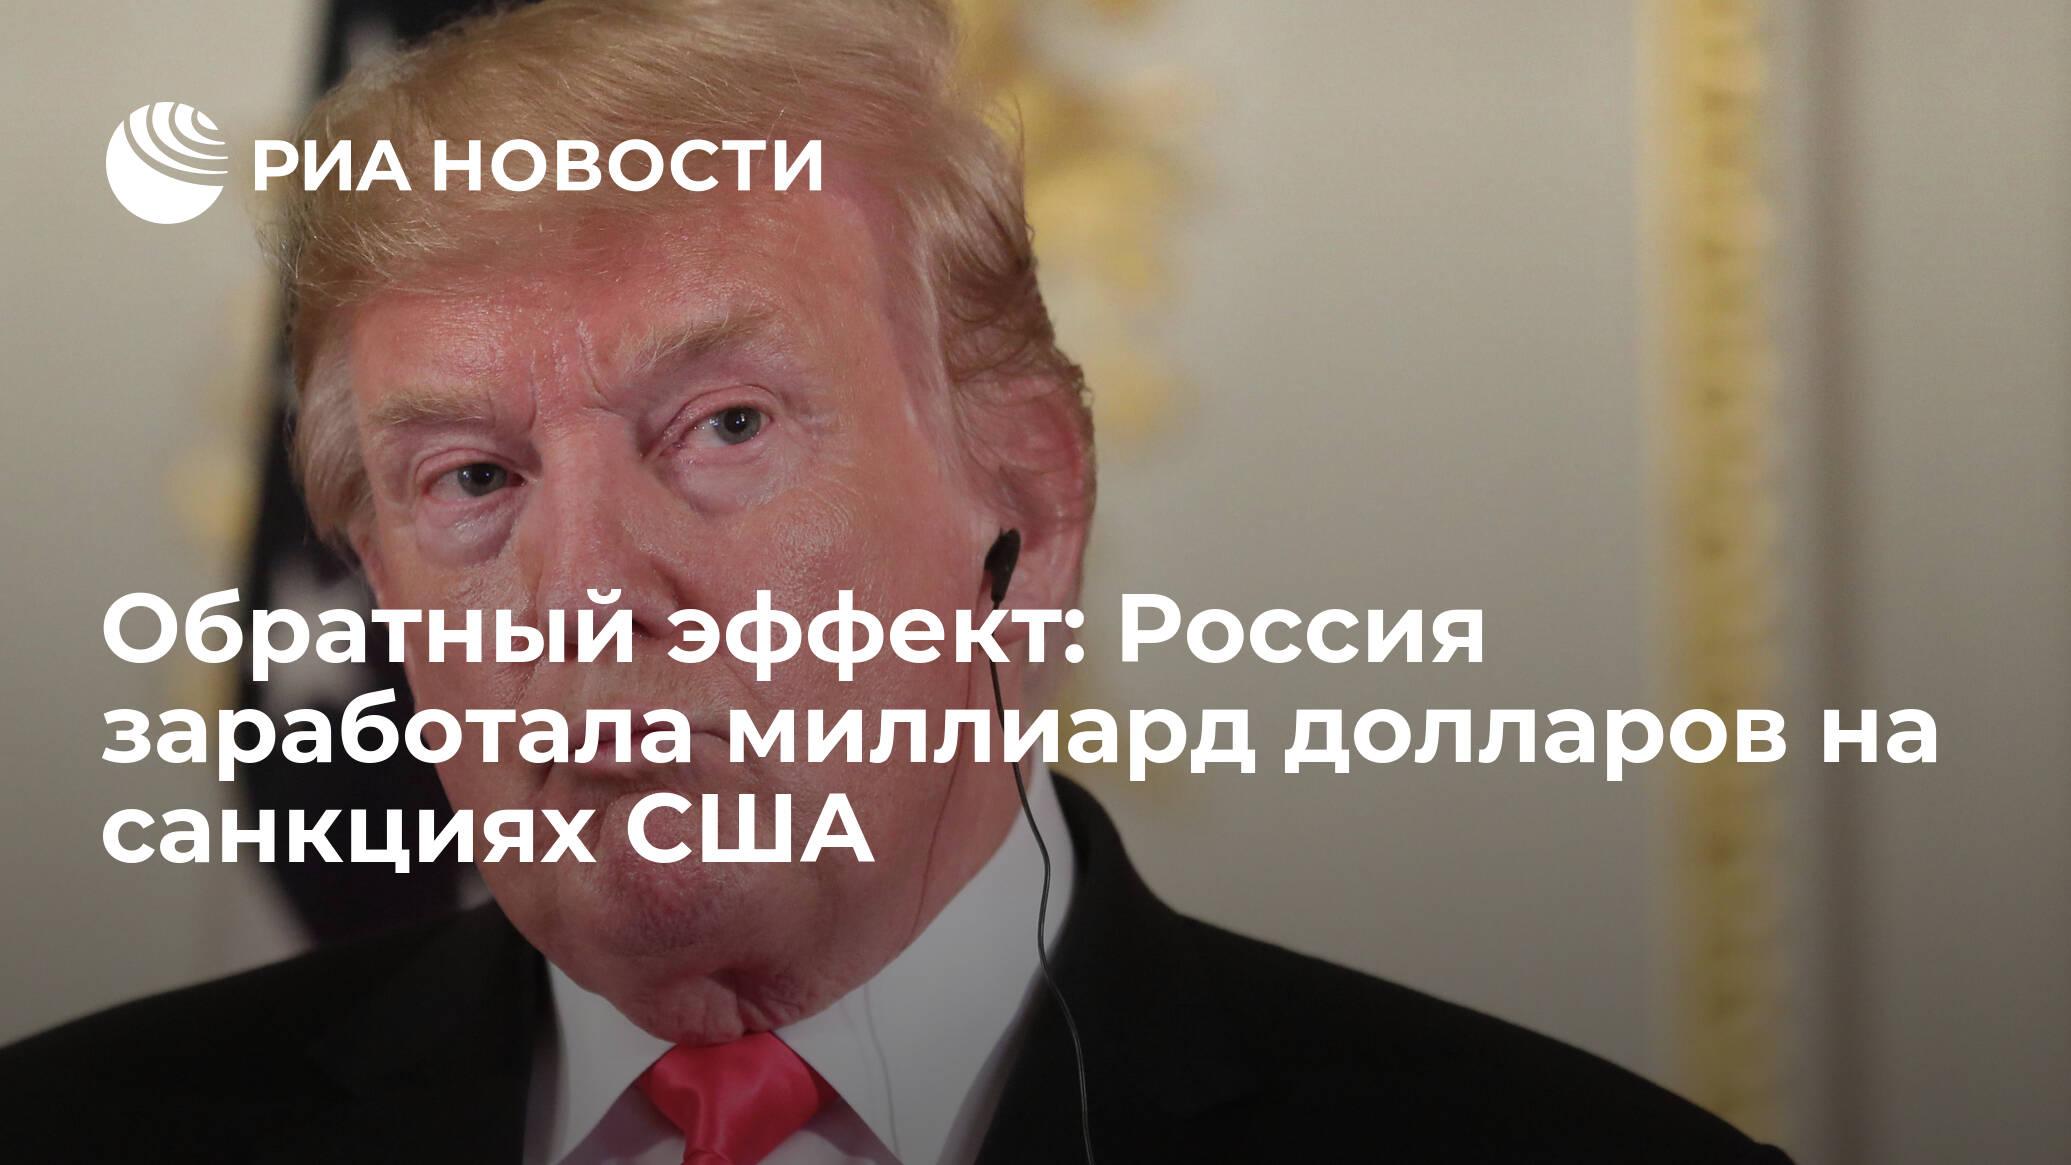 Обратный эффект: Россия заработала миллиард долларов на санкциях США